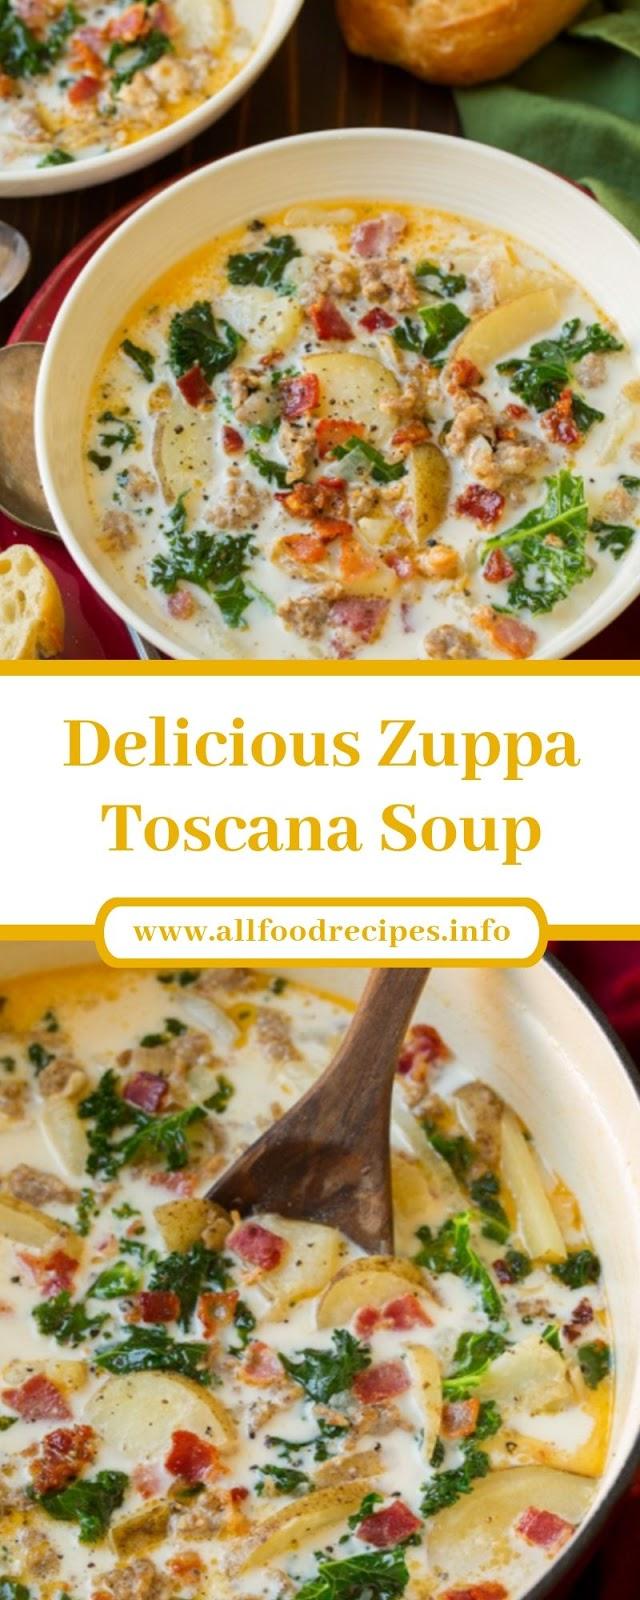 Delicious Zuppa Toscana Soup